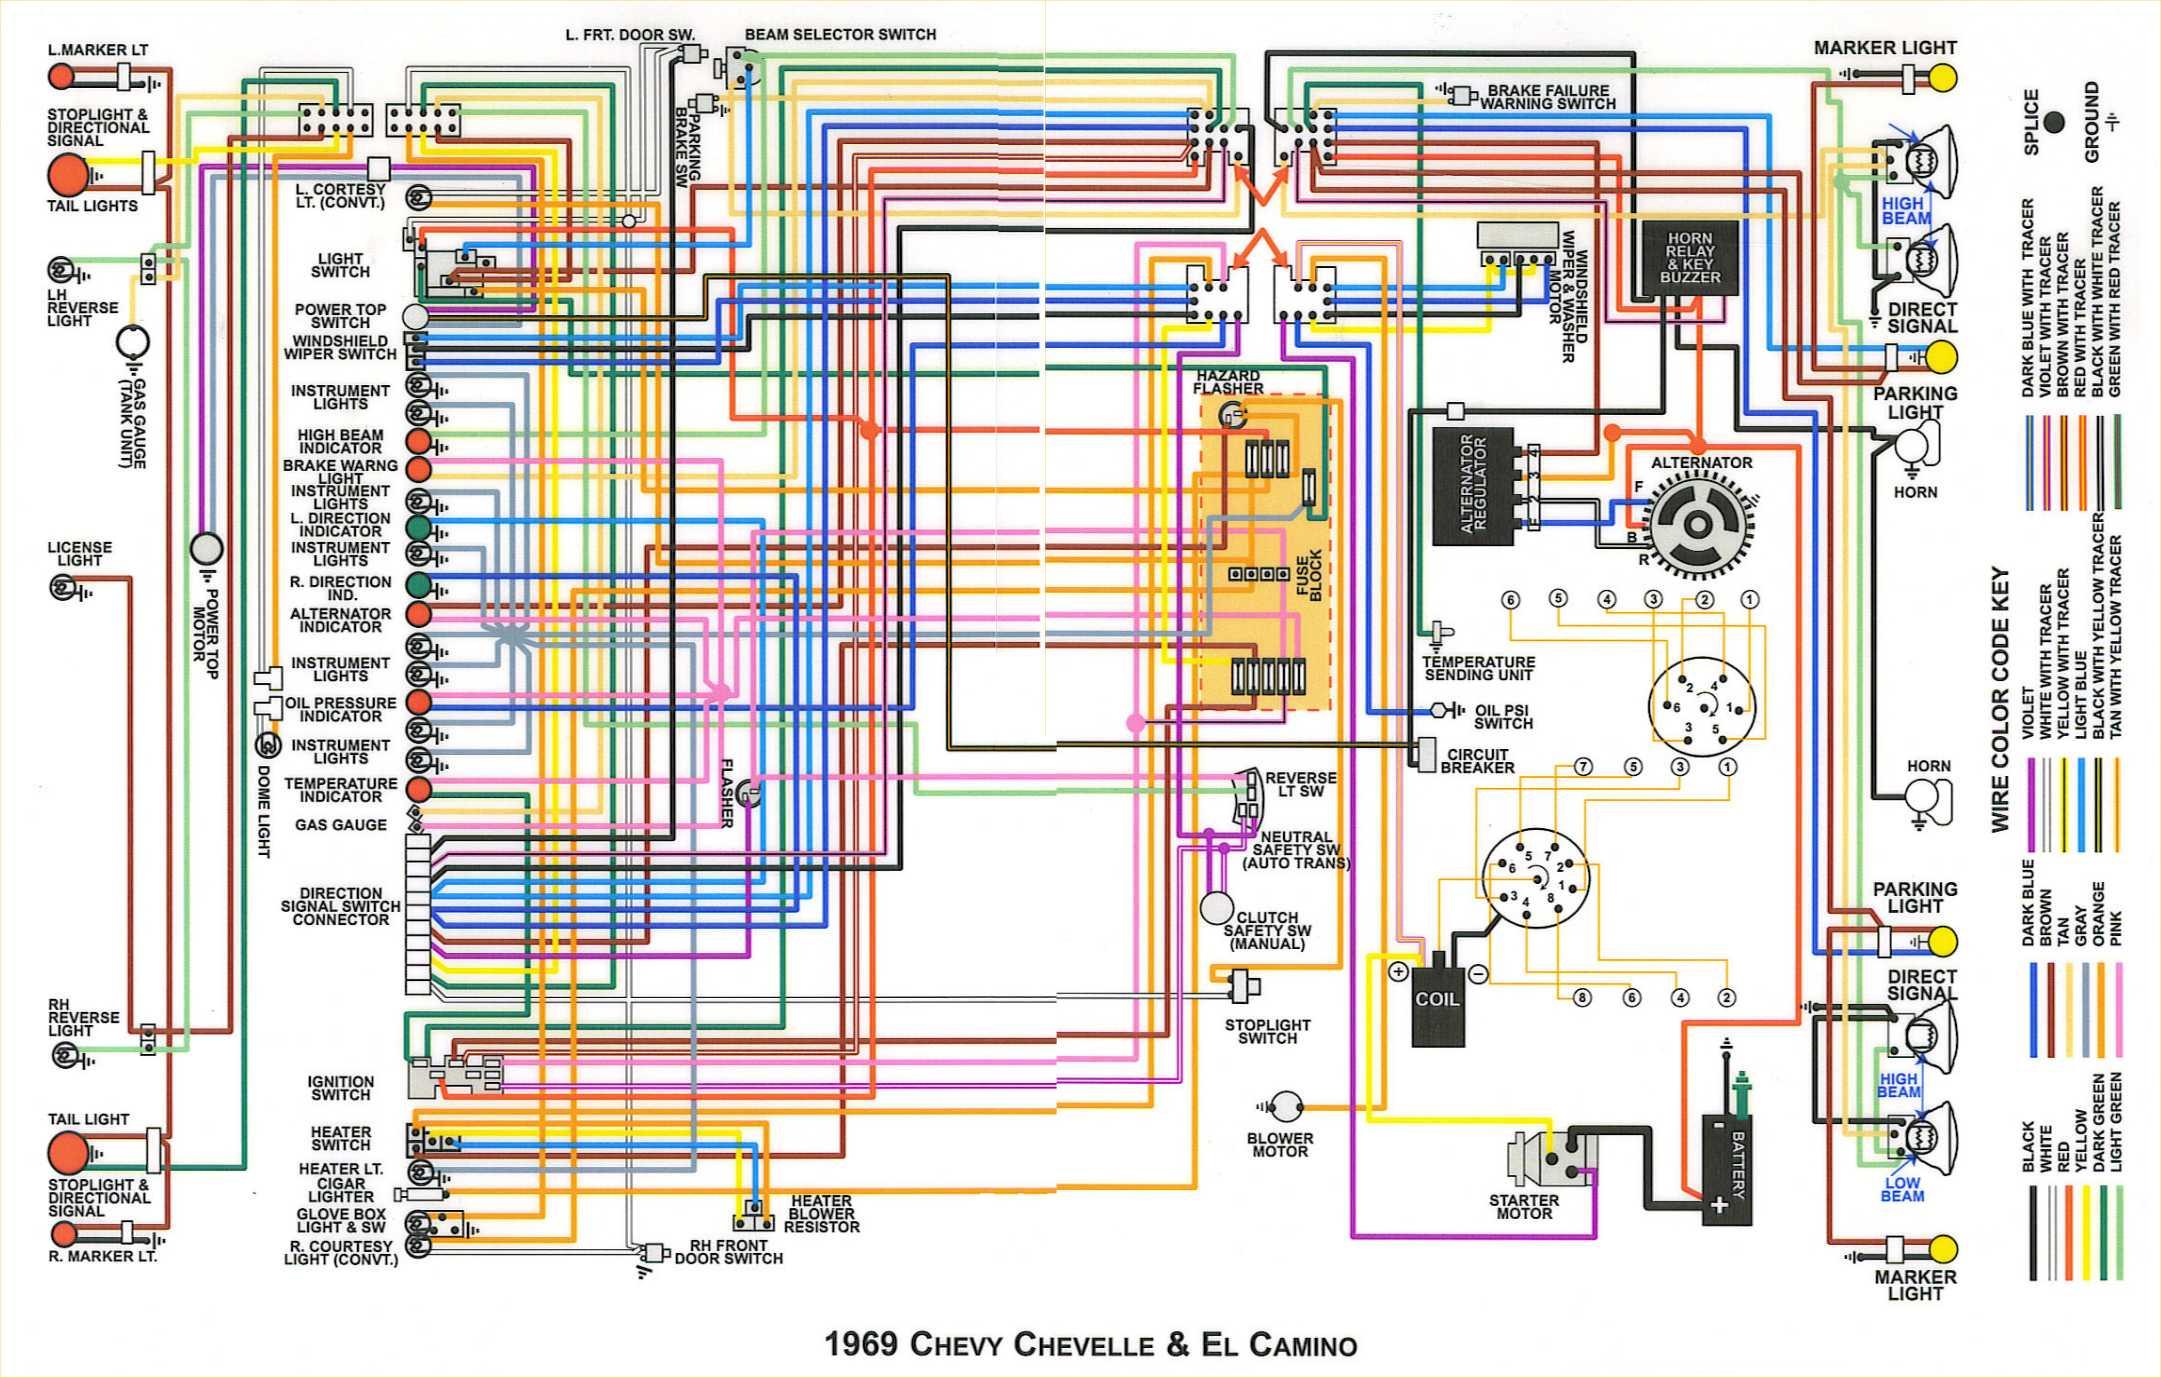 69 camaro wiring diagram. 69. free wiring diagrams, Wiring diagram